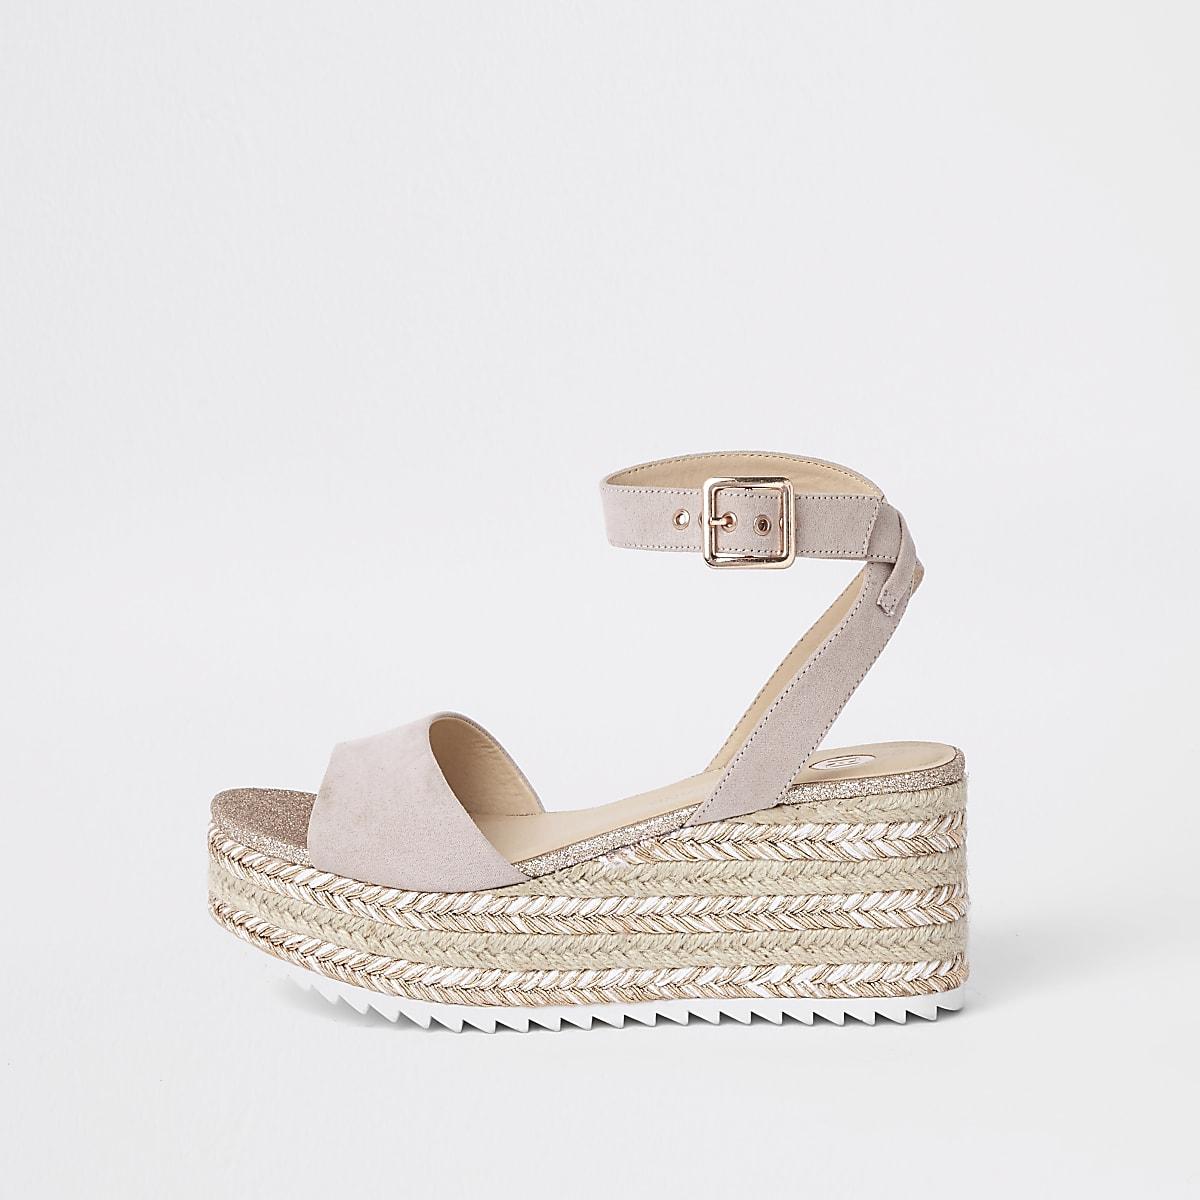 1b7a5ee9e1e6 Gold glitter espadrille platform sandals Gold glitter espadrille platform  sandals ...